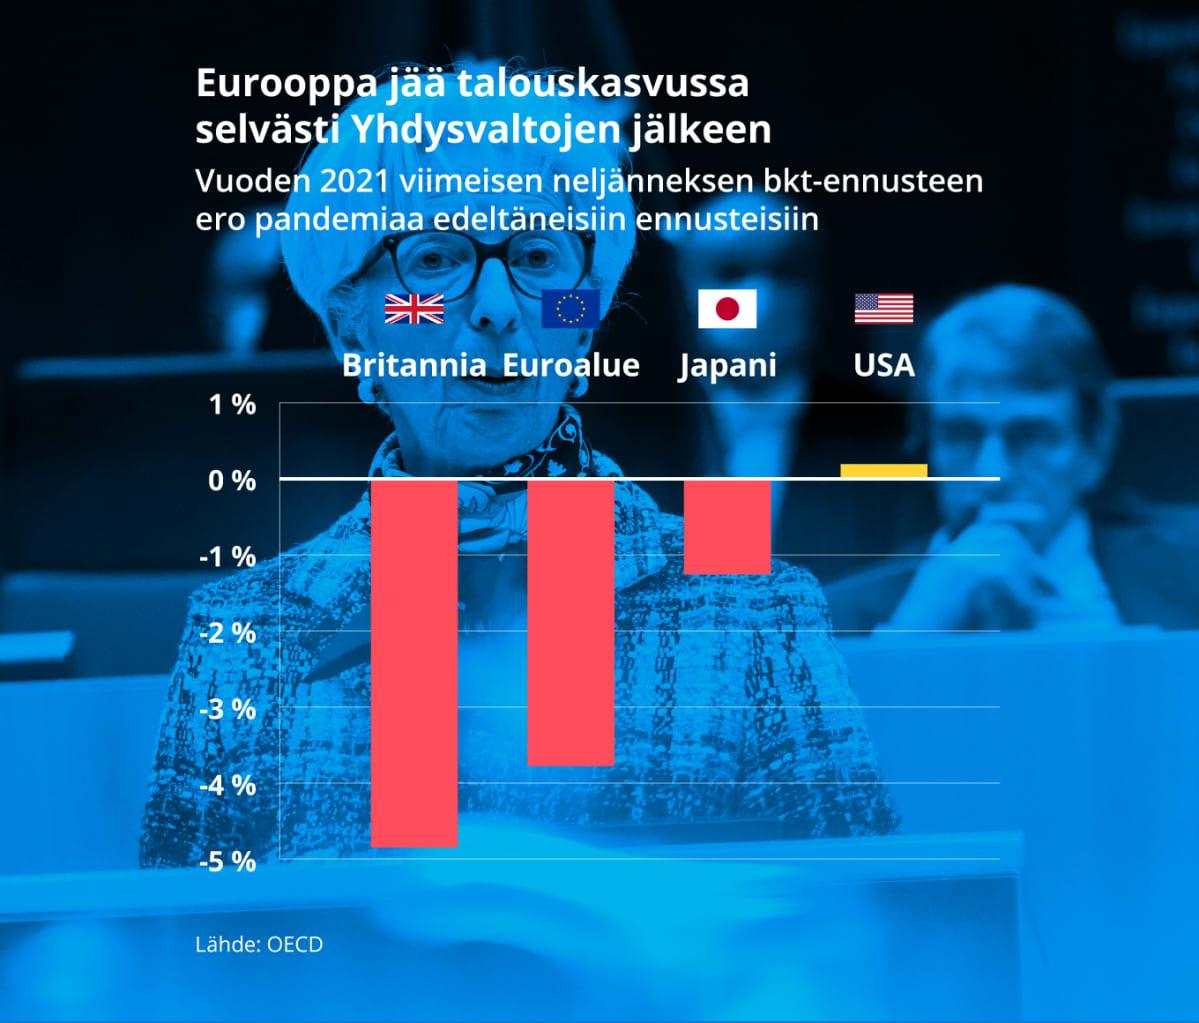 Grafiikka näyttää bkt-ennusteiden muutoksen verrattuna pandemiaa edeltävään aikaan. Eurooppa jää talouskasvussa selvästi Yhdysvaltojen jälkeen.